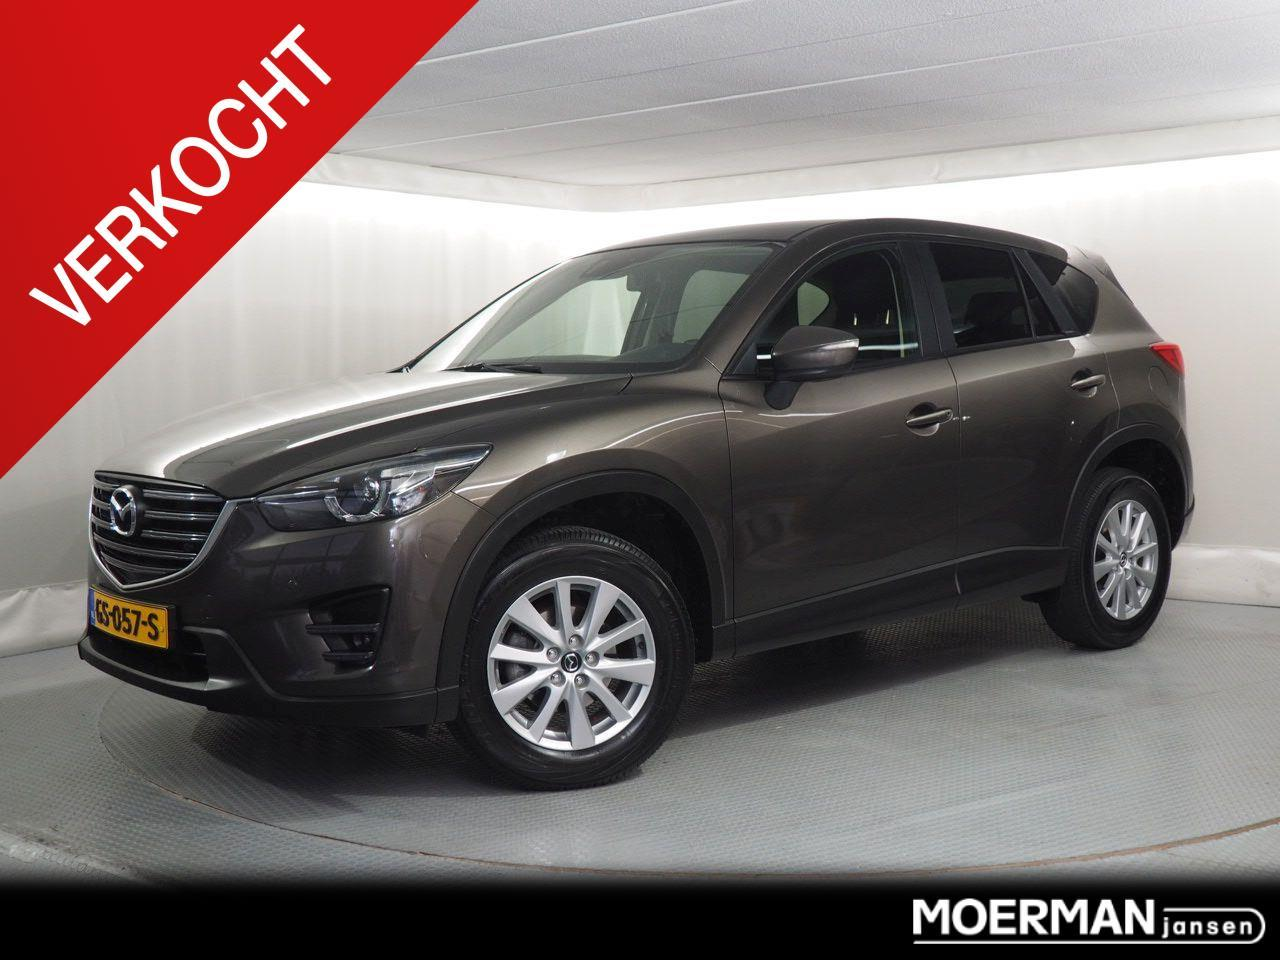 Mazda Cx-5 2.0 ts+ / verkocht